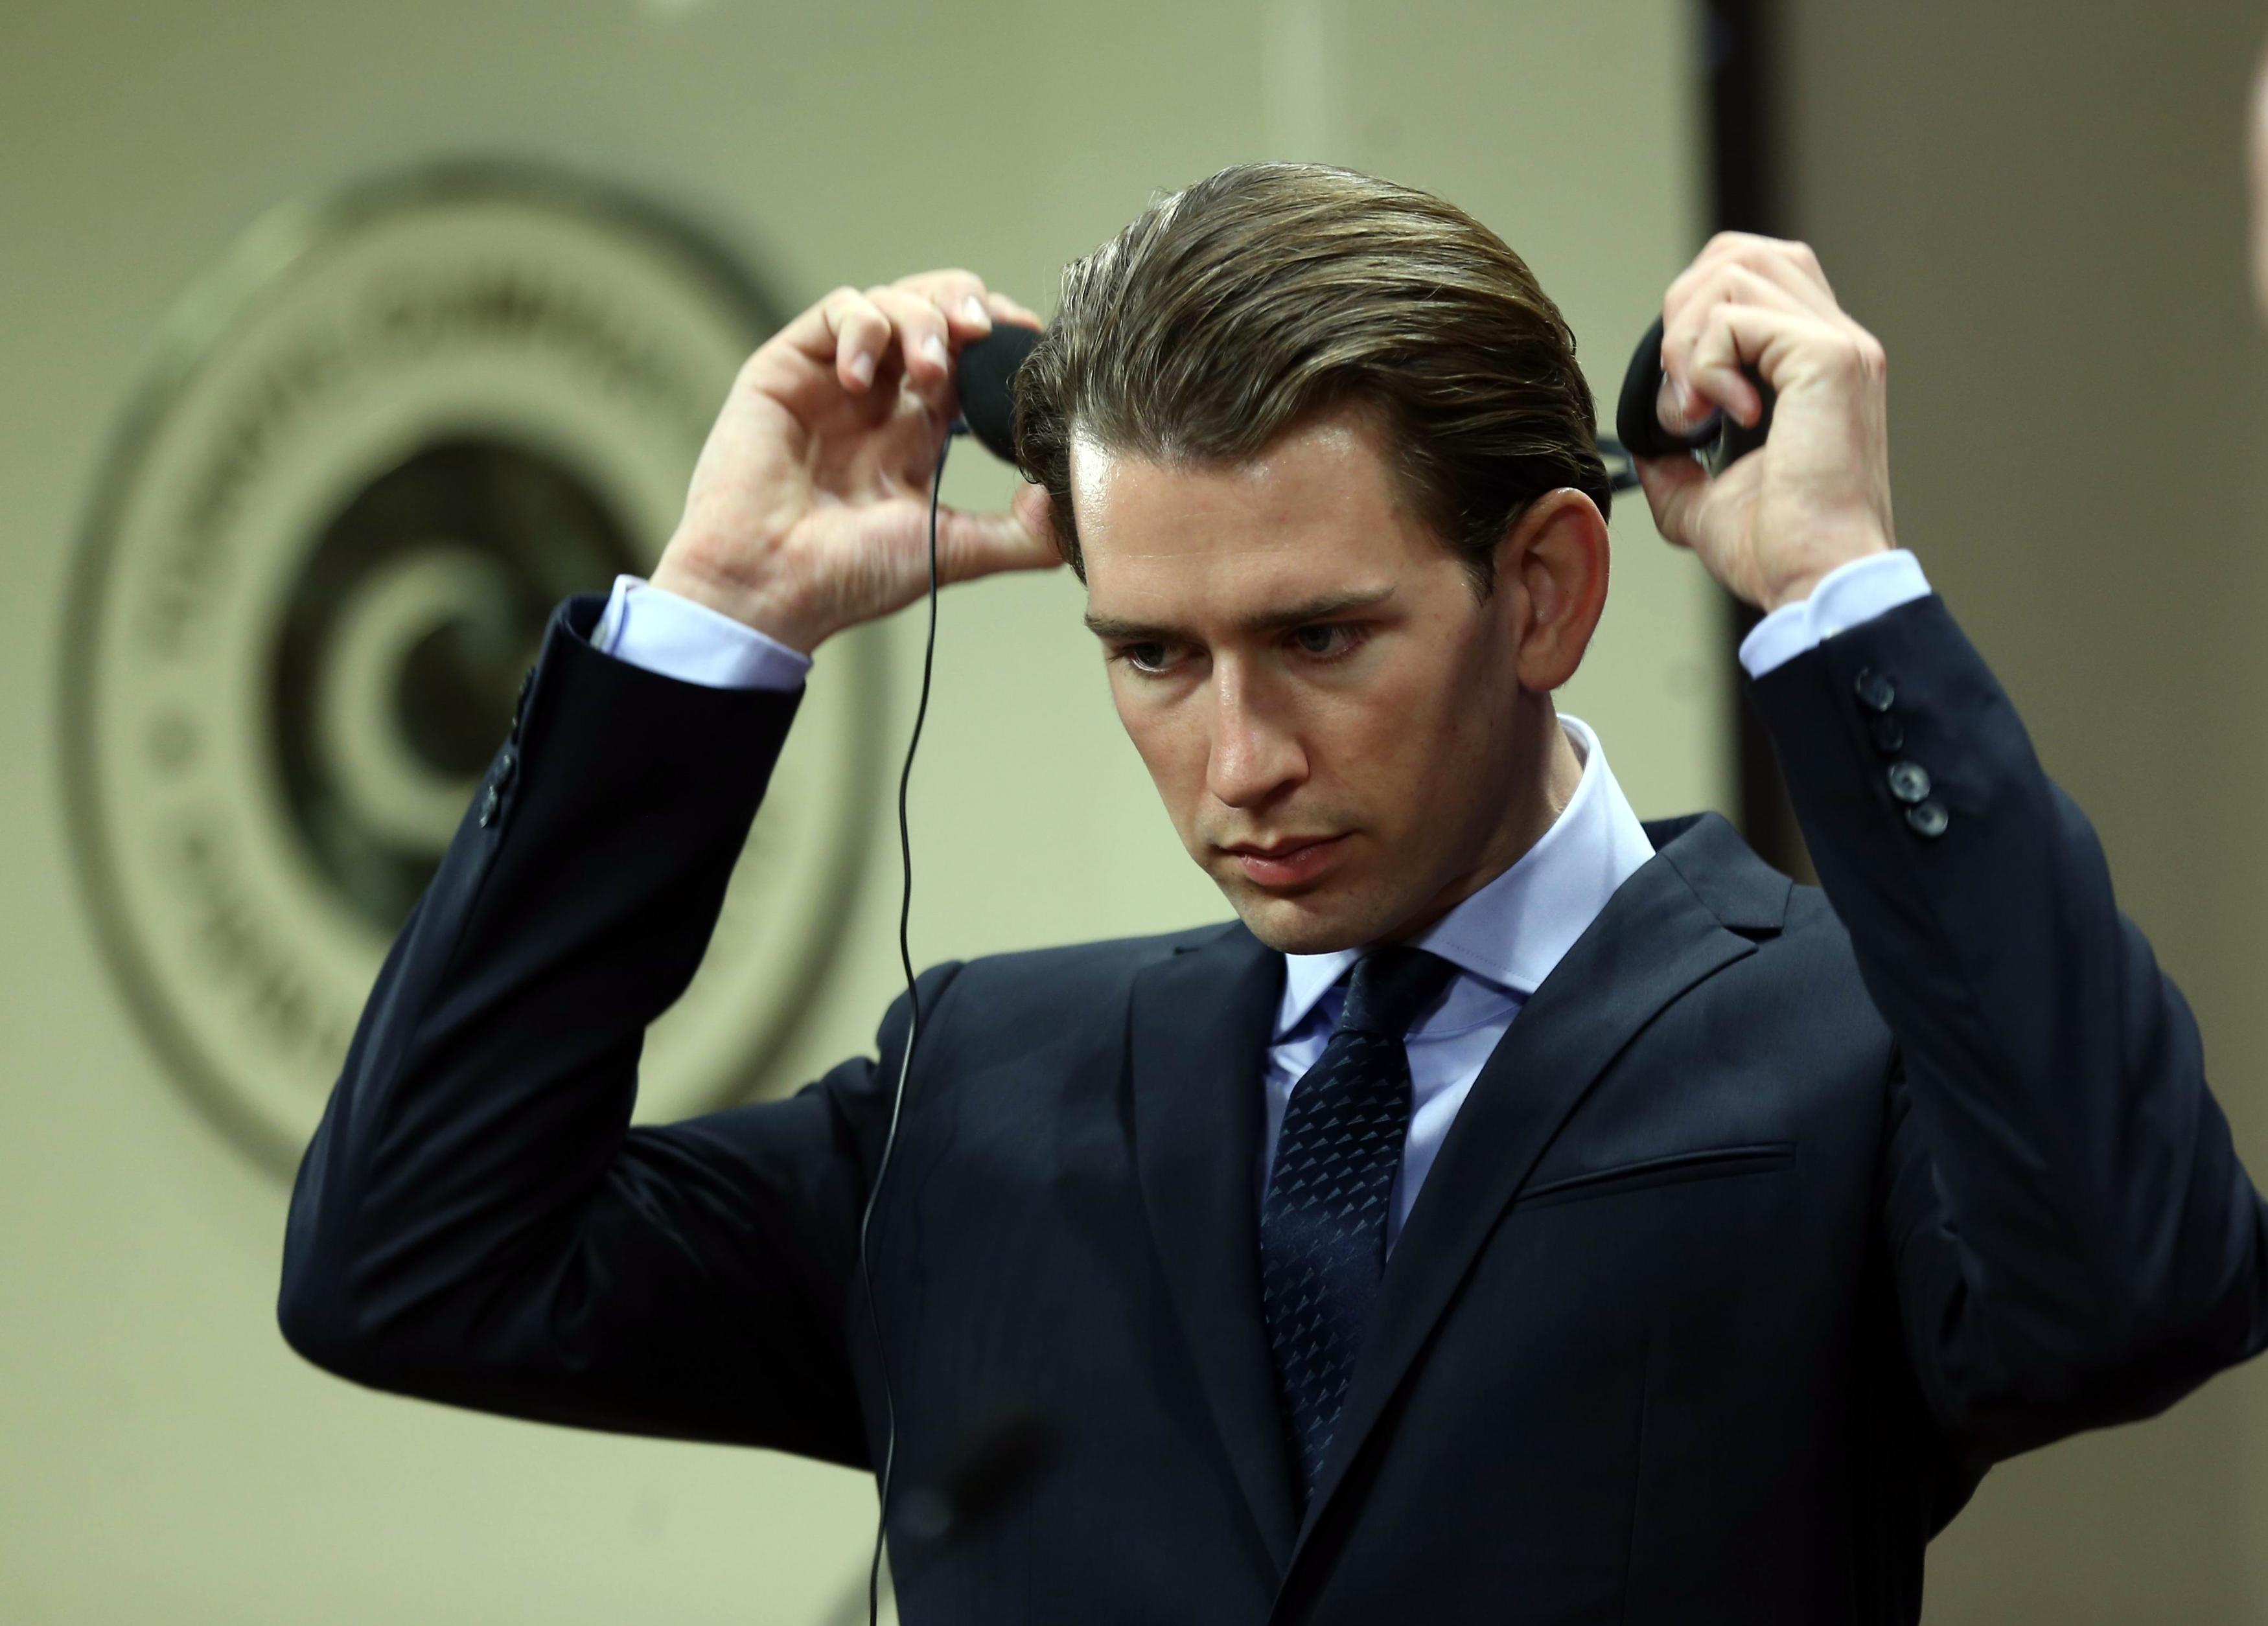 Jelentősen visszaesett az osztrák Szabadságpárt népszerűsége